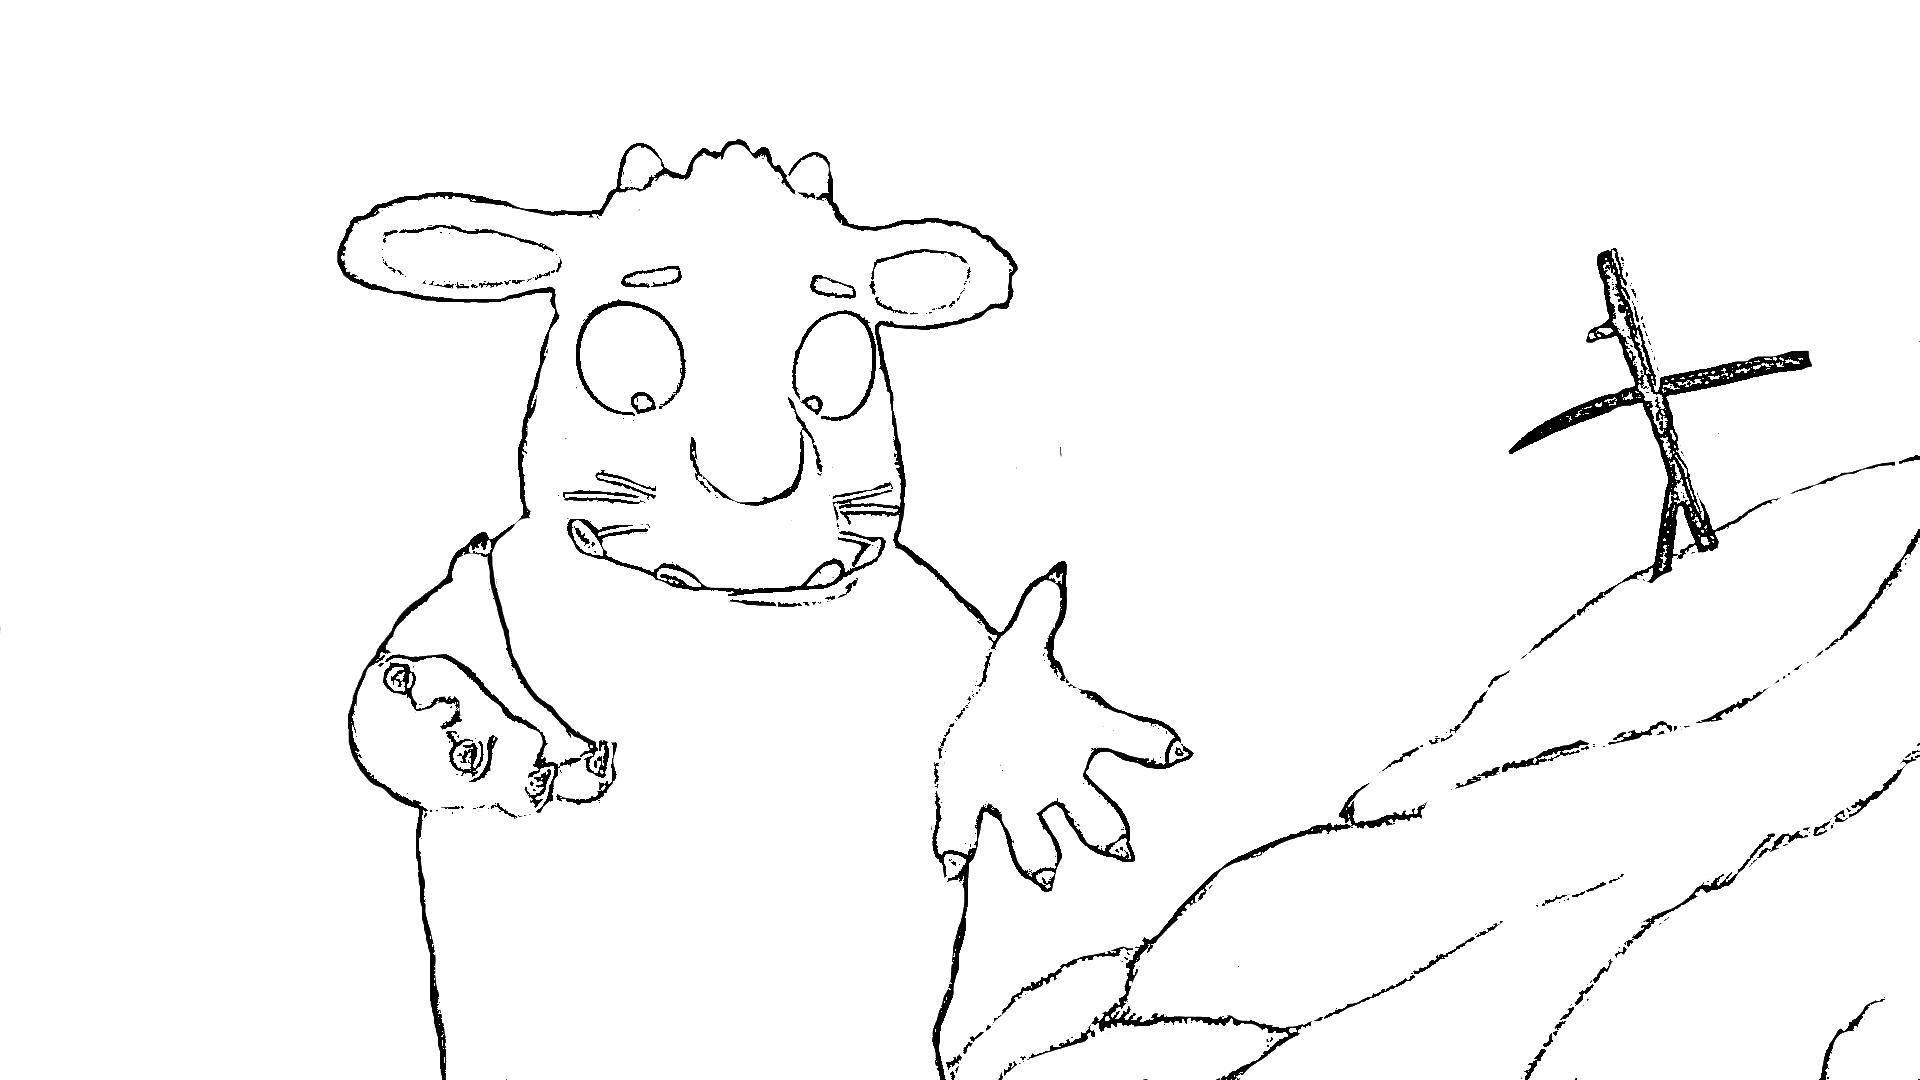 malvorlagen zum drucken ausmalbild grüffelo kostenlos 1